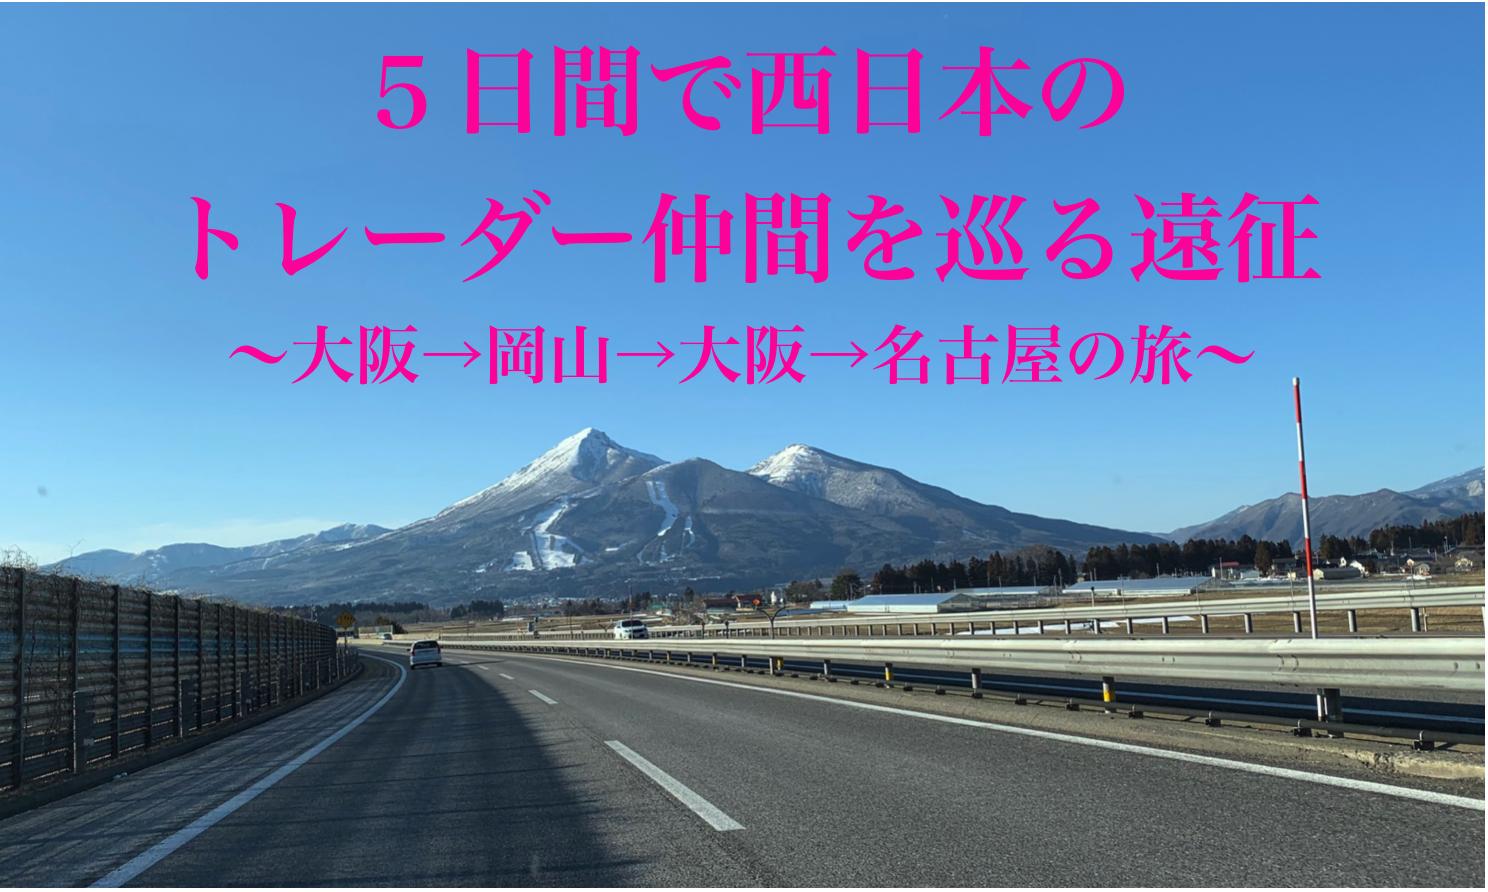 西日本遠征プロジェクト